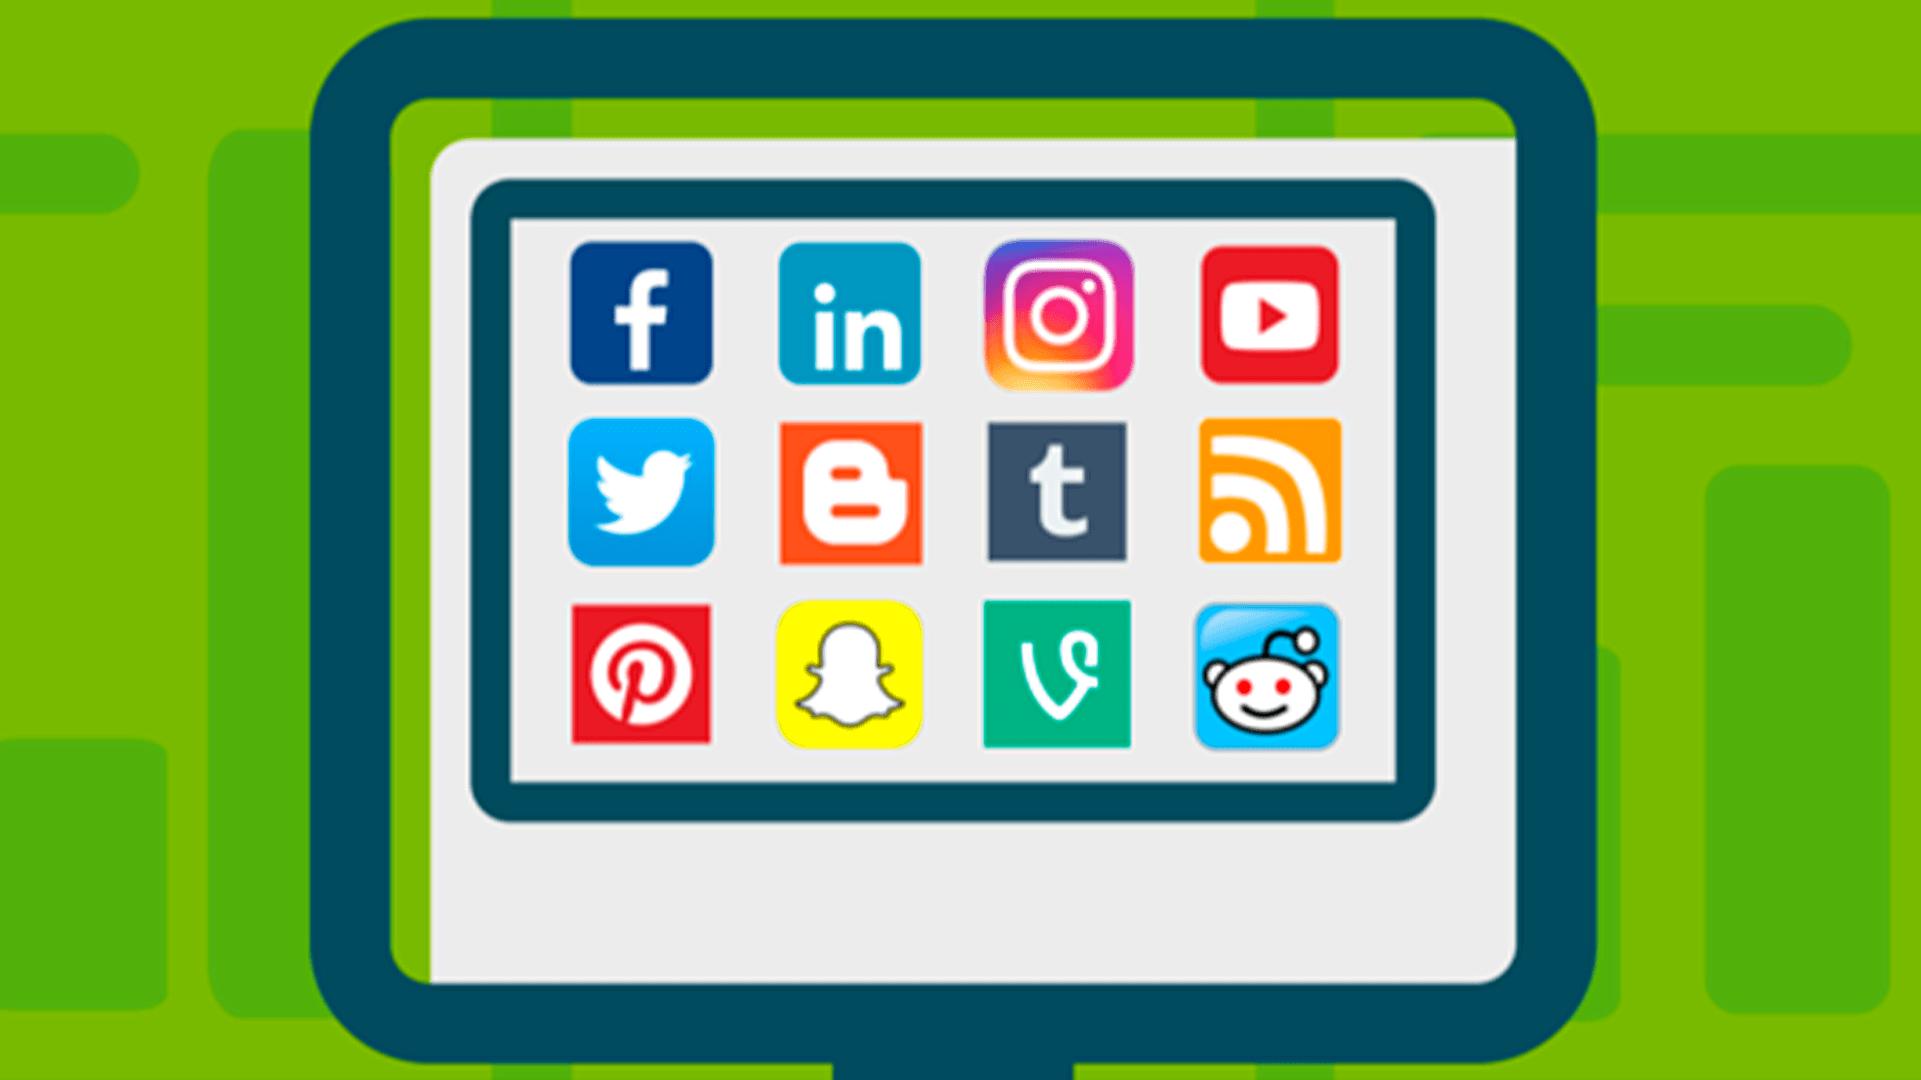 Inbound Social Media Engagement vs. Outbound Social Media Engagement